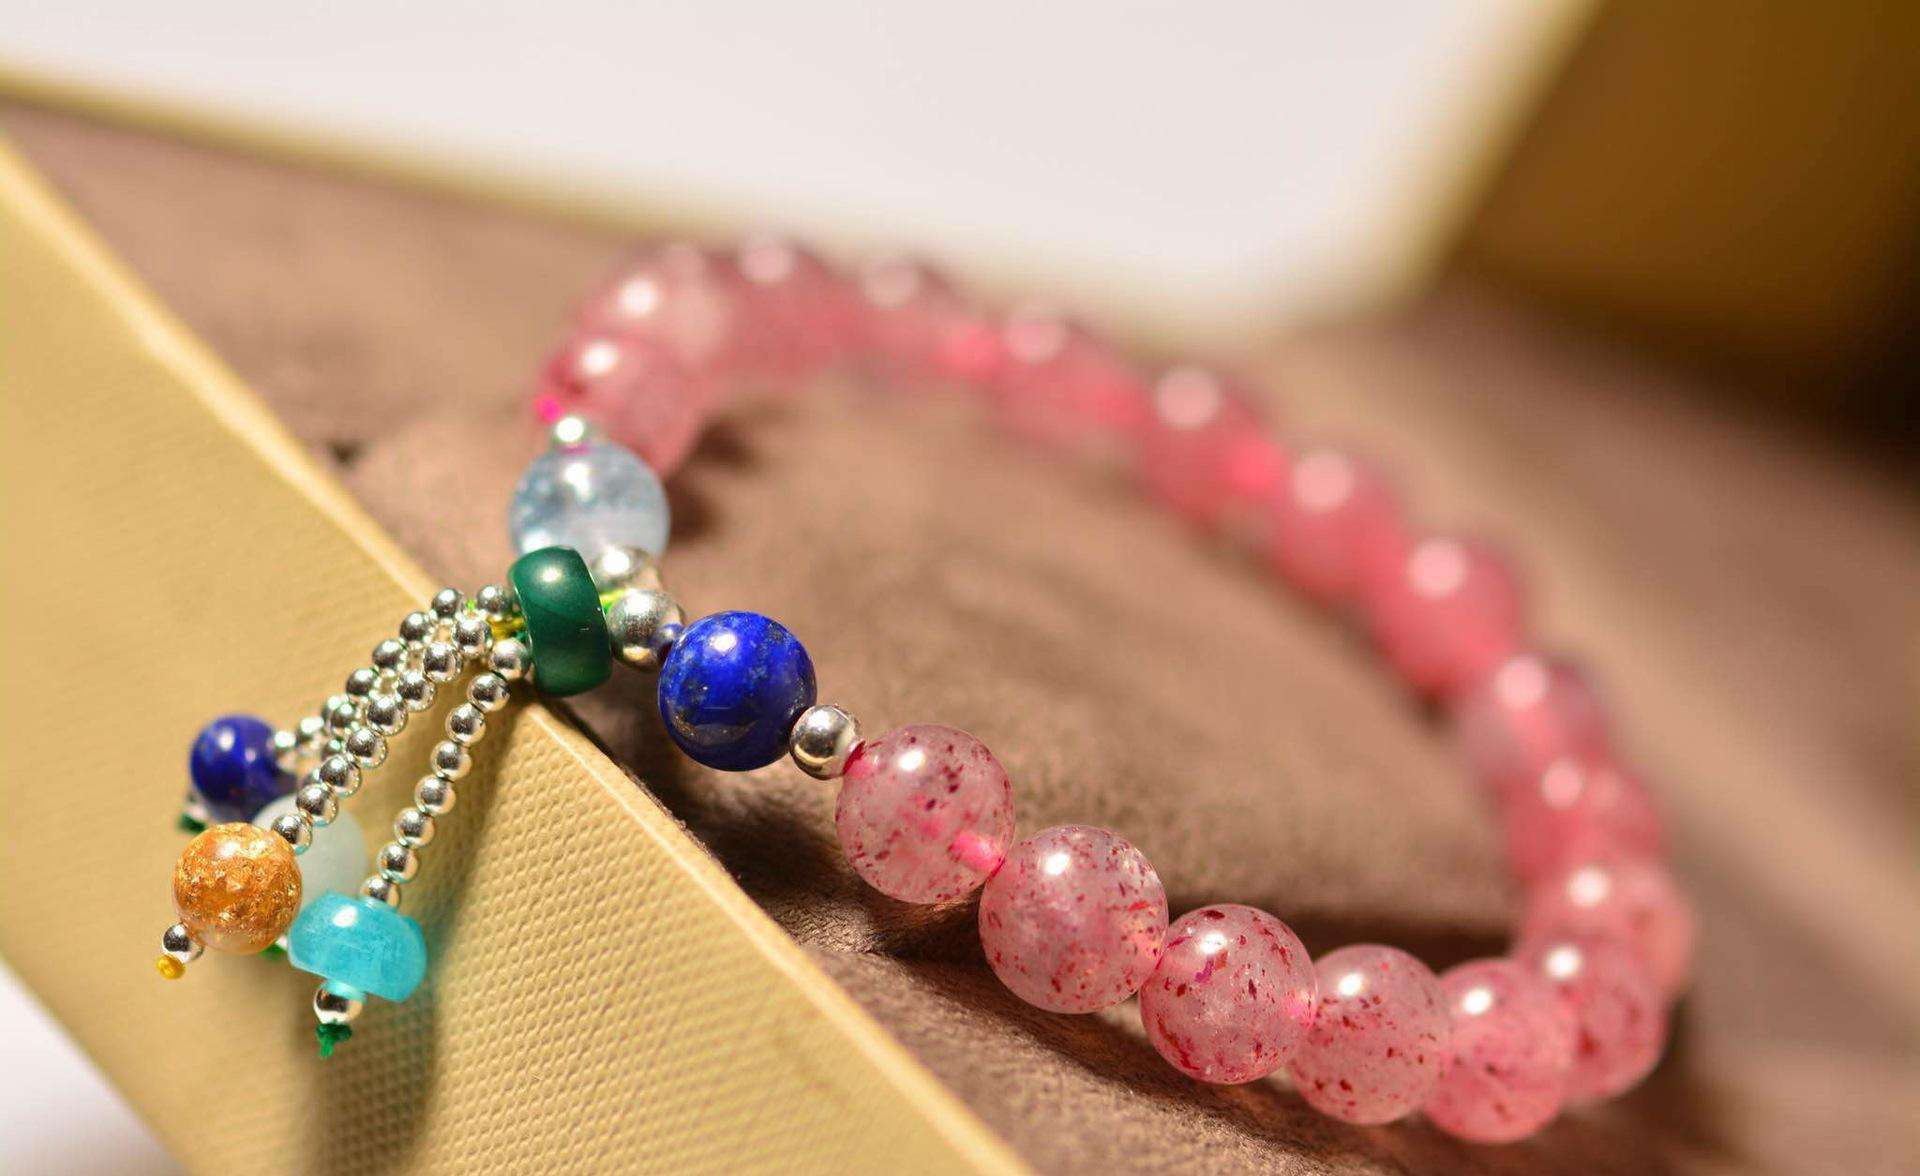 草莓晶知识大讲解,这么好看的水晶你见过吗?